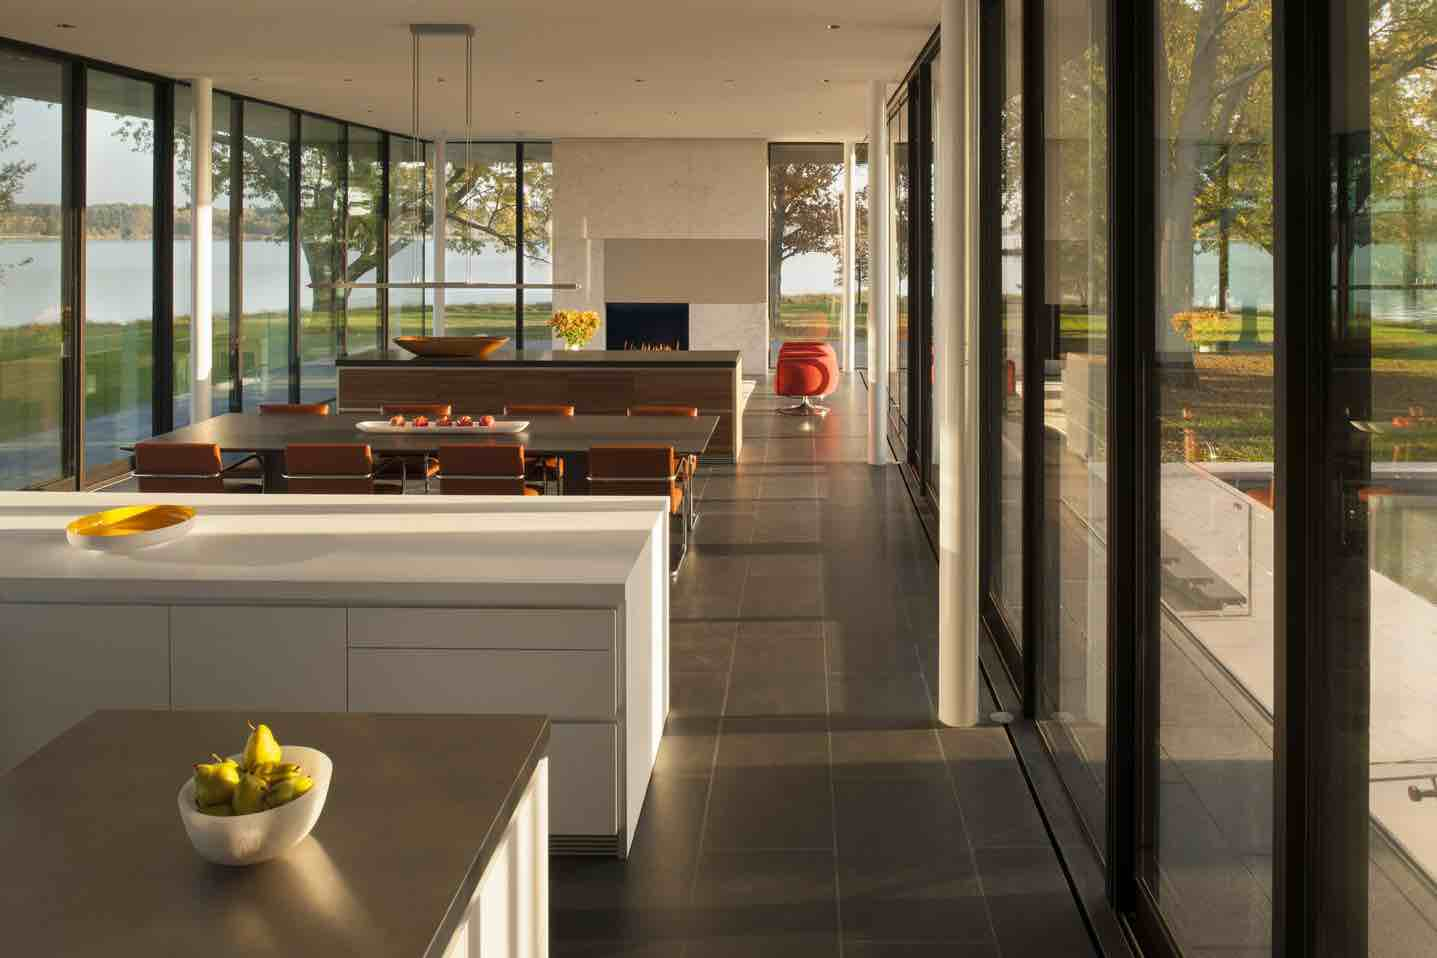 tred-avon-river-house-robert-m-gurney-architect_mackenzie-gurney-guttmanresidence-30